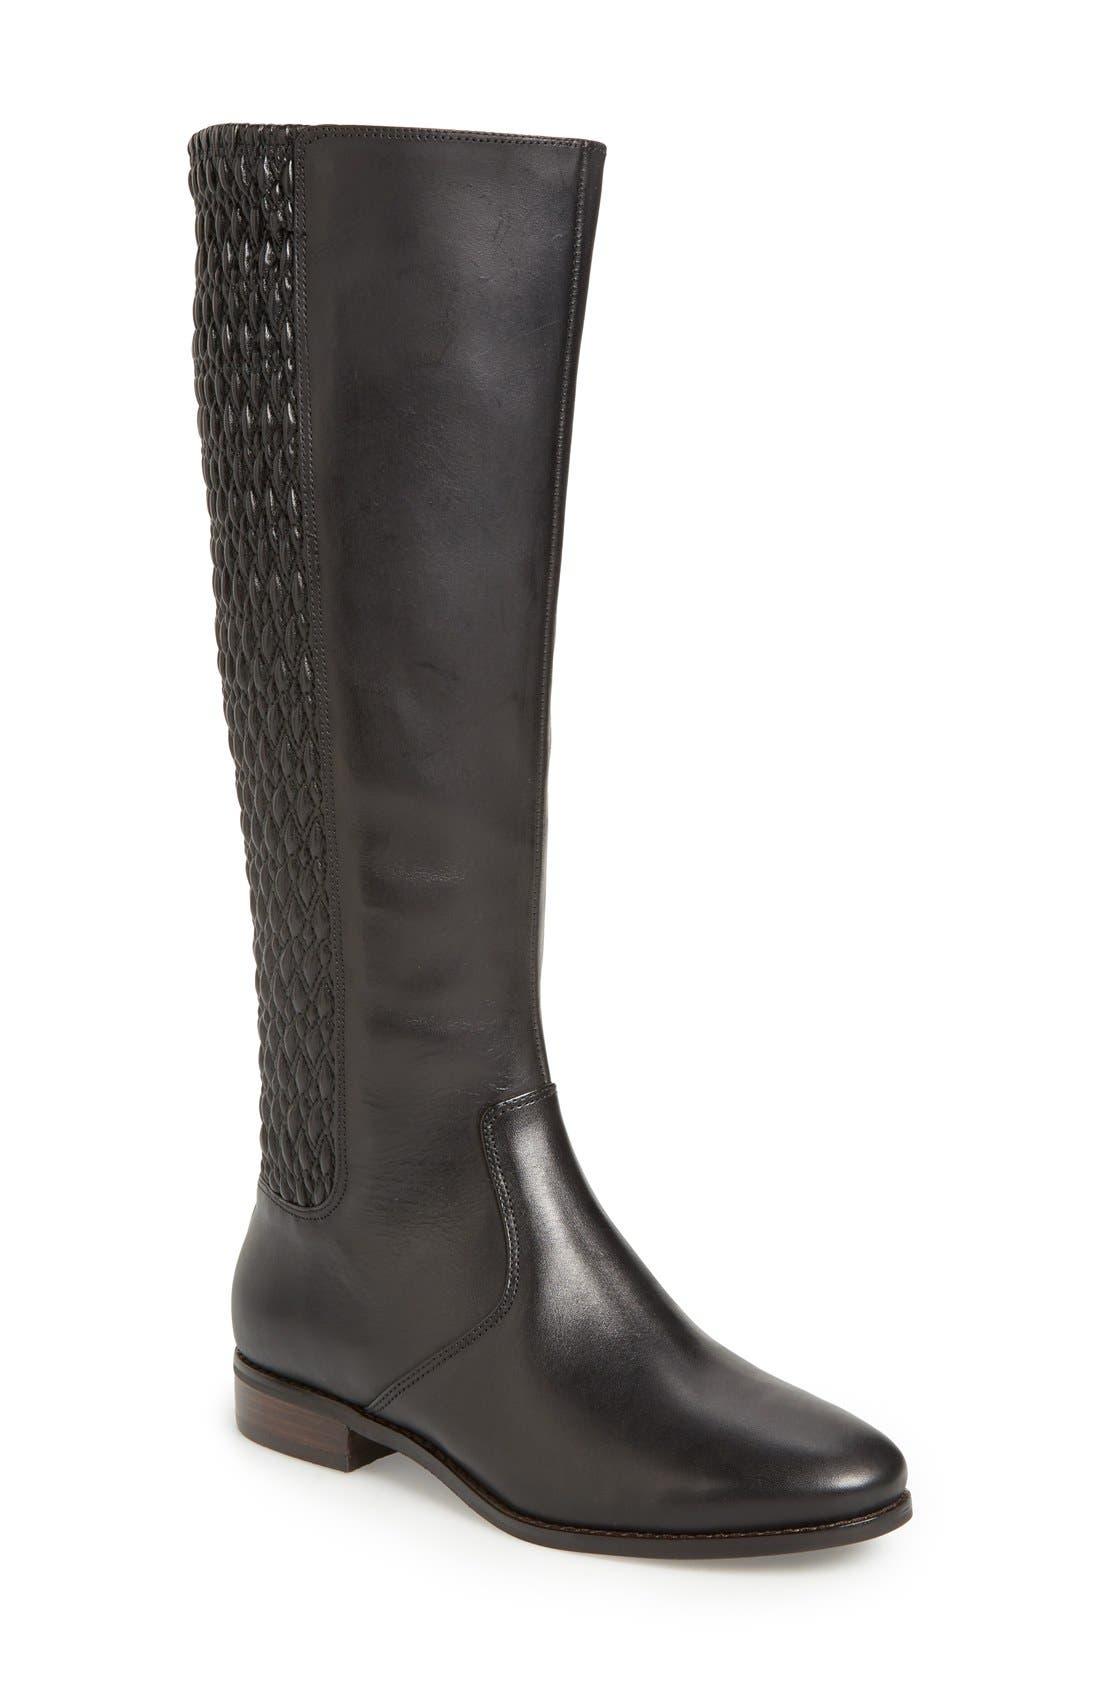 Main Image - Cole Haan 'Elverton' Knee High Boot (Women)